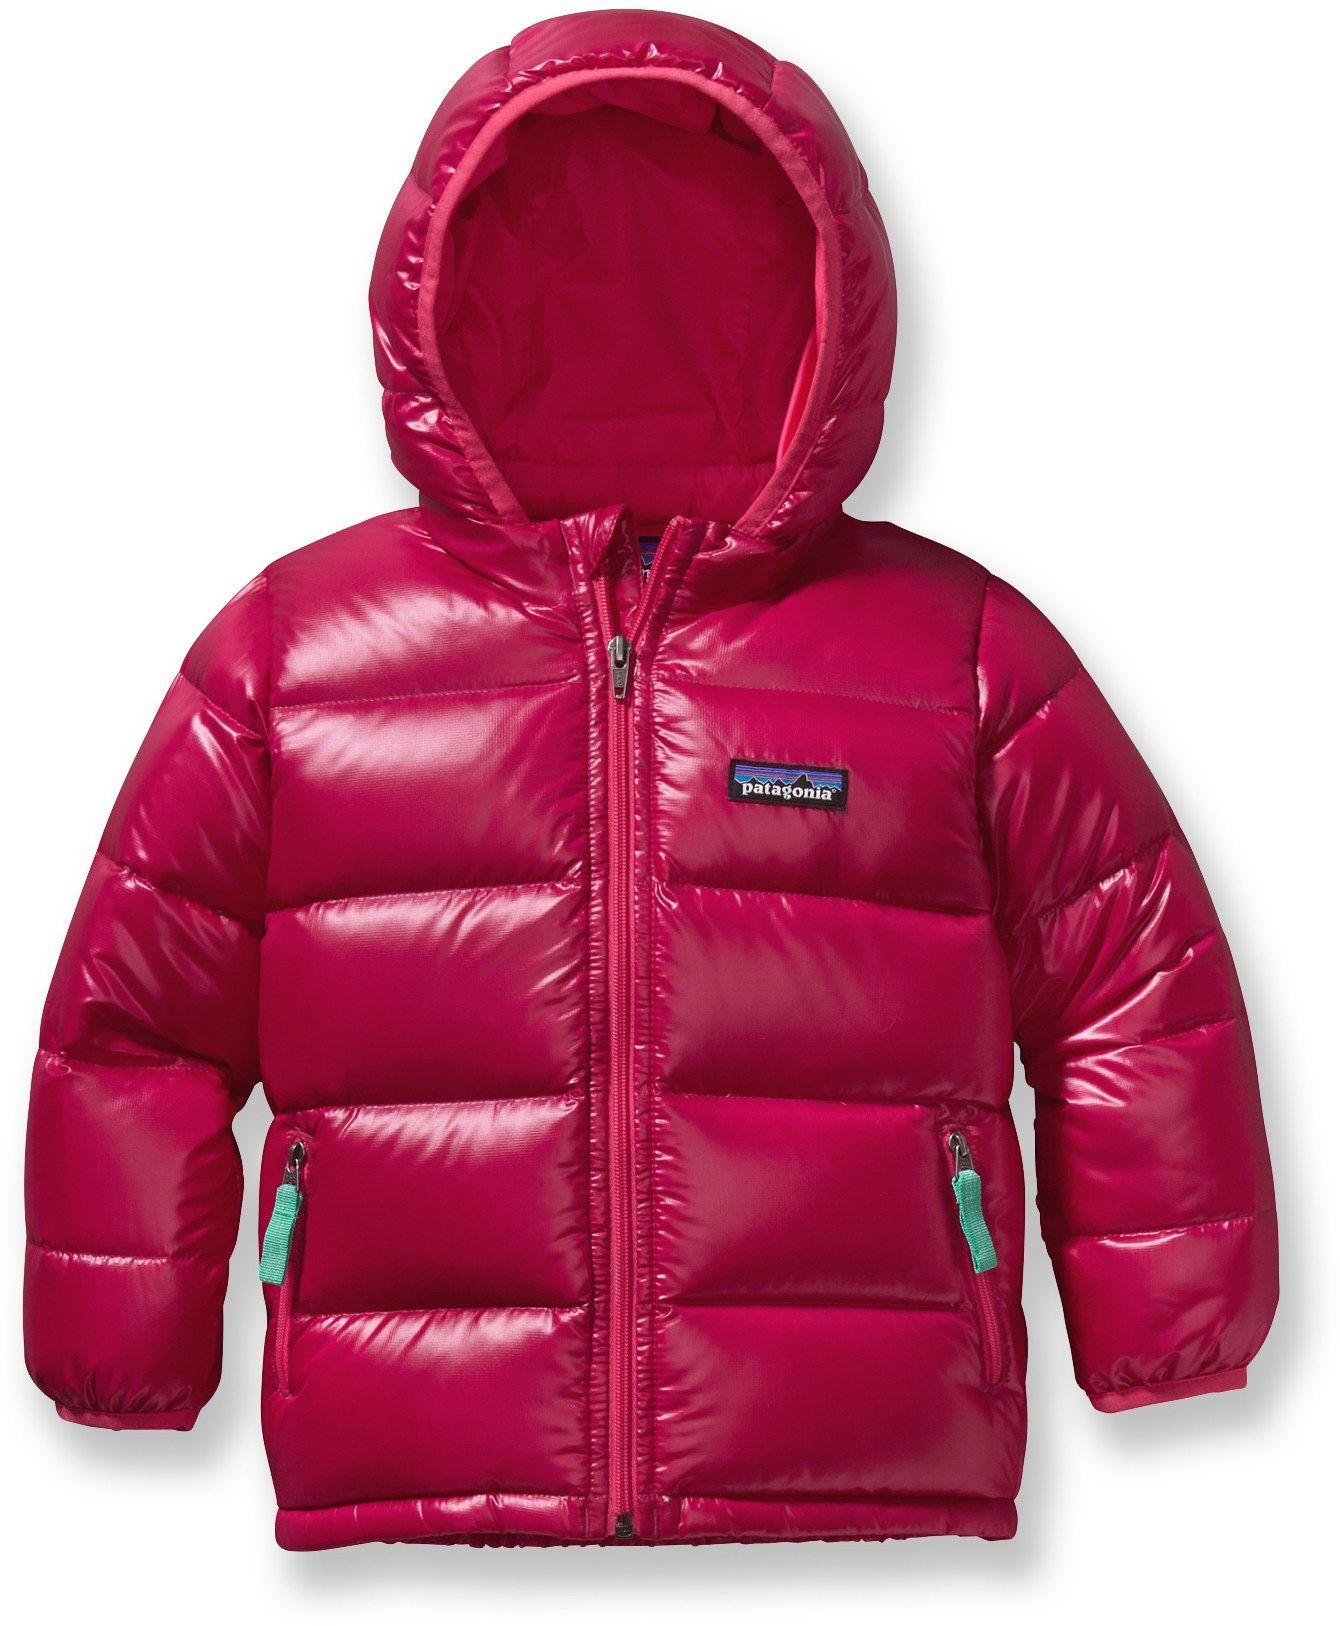 Patagonia Hi Loft Down Sweater Hoody Toddler Girls